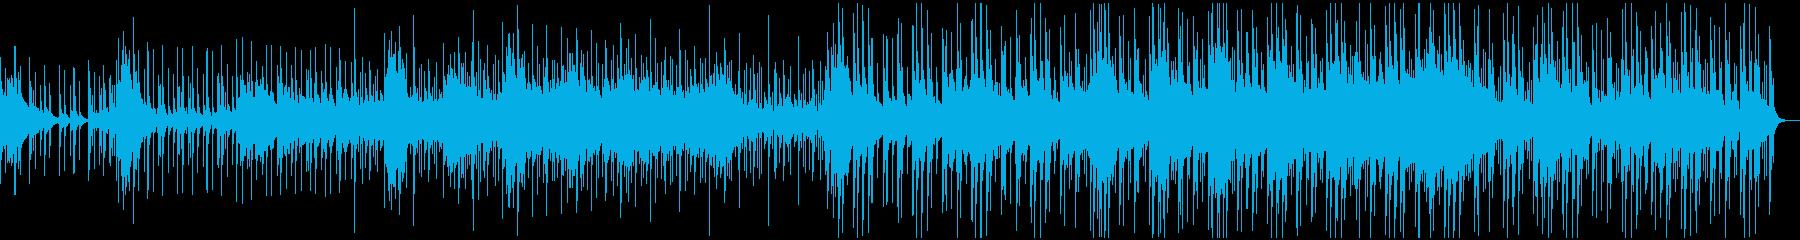 様々なパーカッションとシタール、ピアノの再生済みの波形